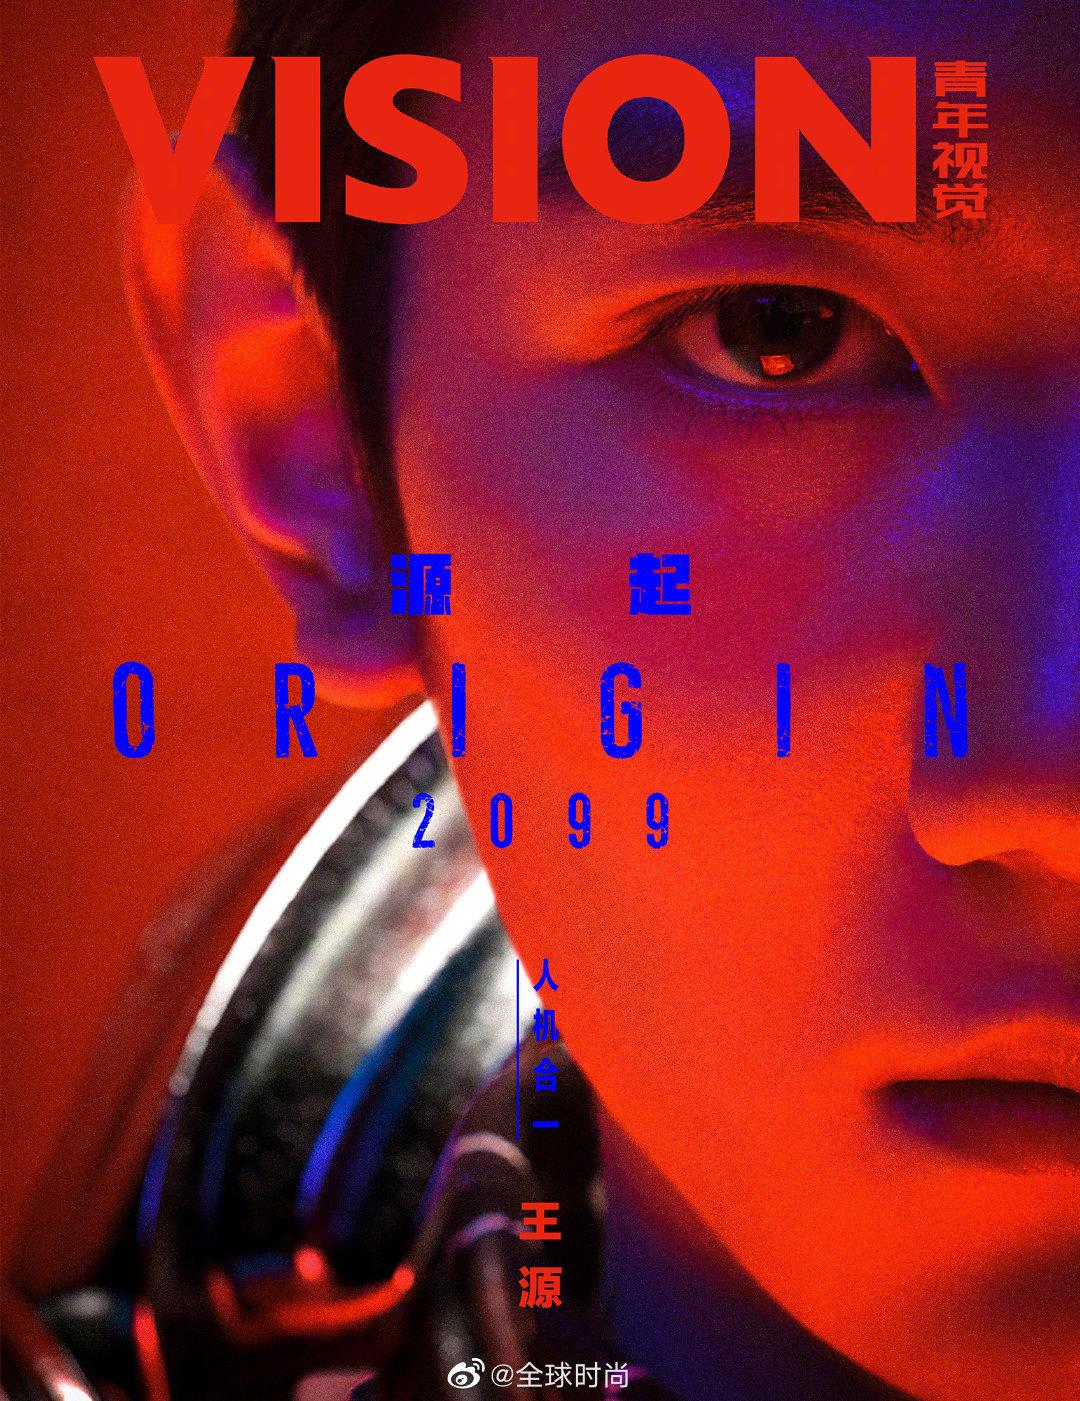 登上《VISION青年视觉》2020年首封,人机主题下